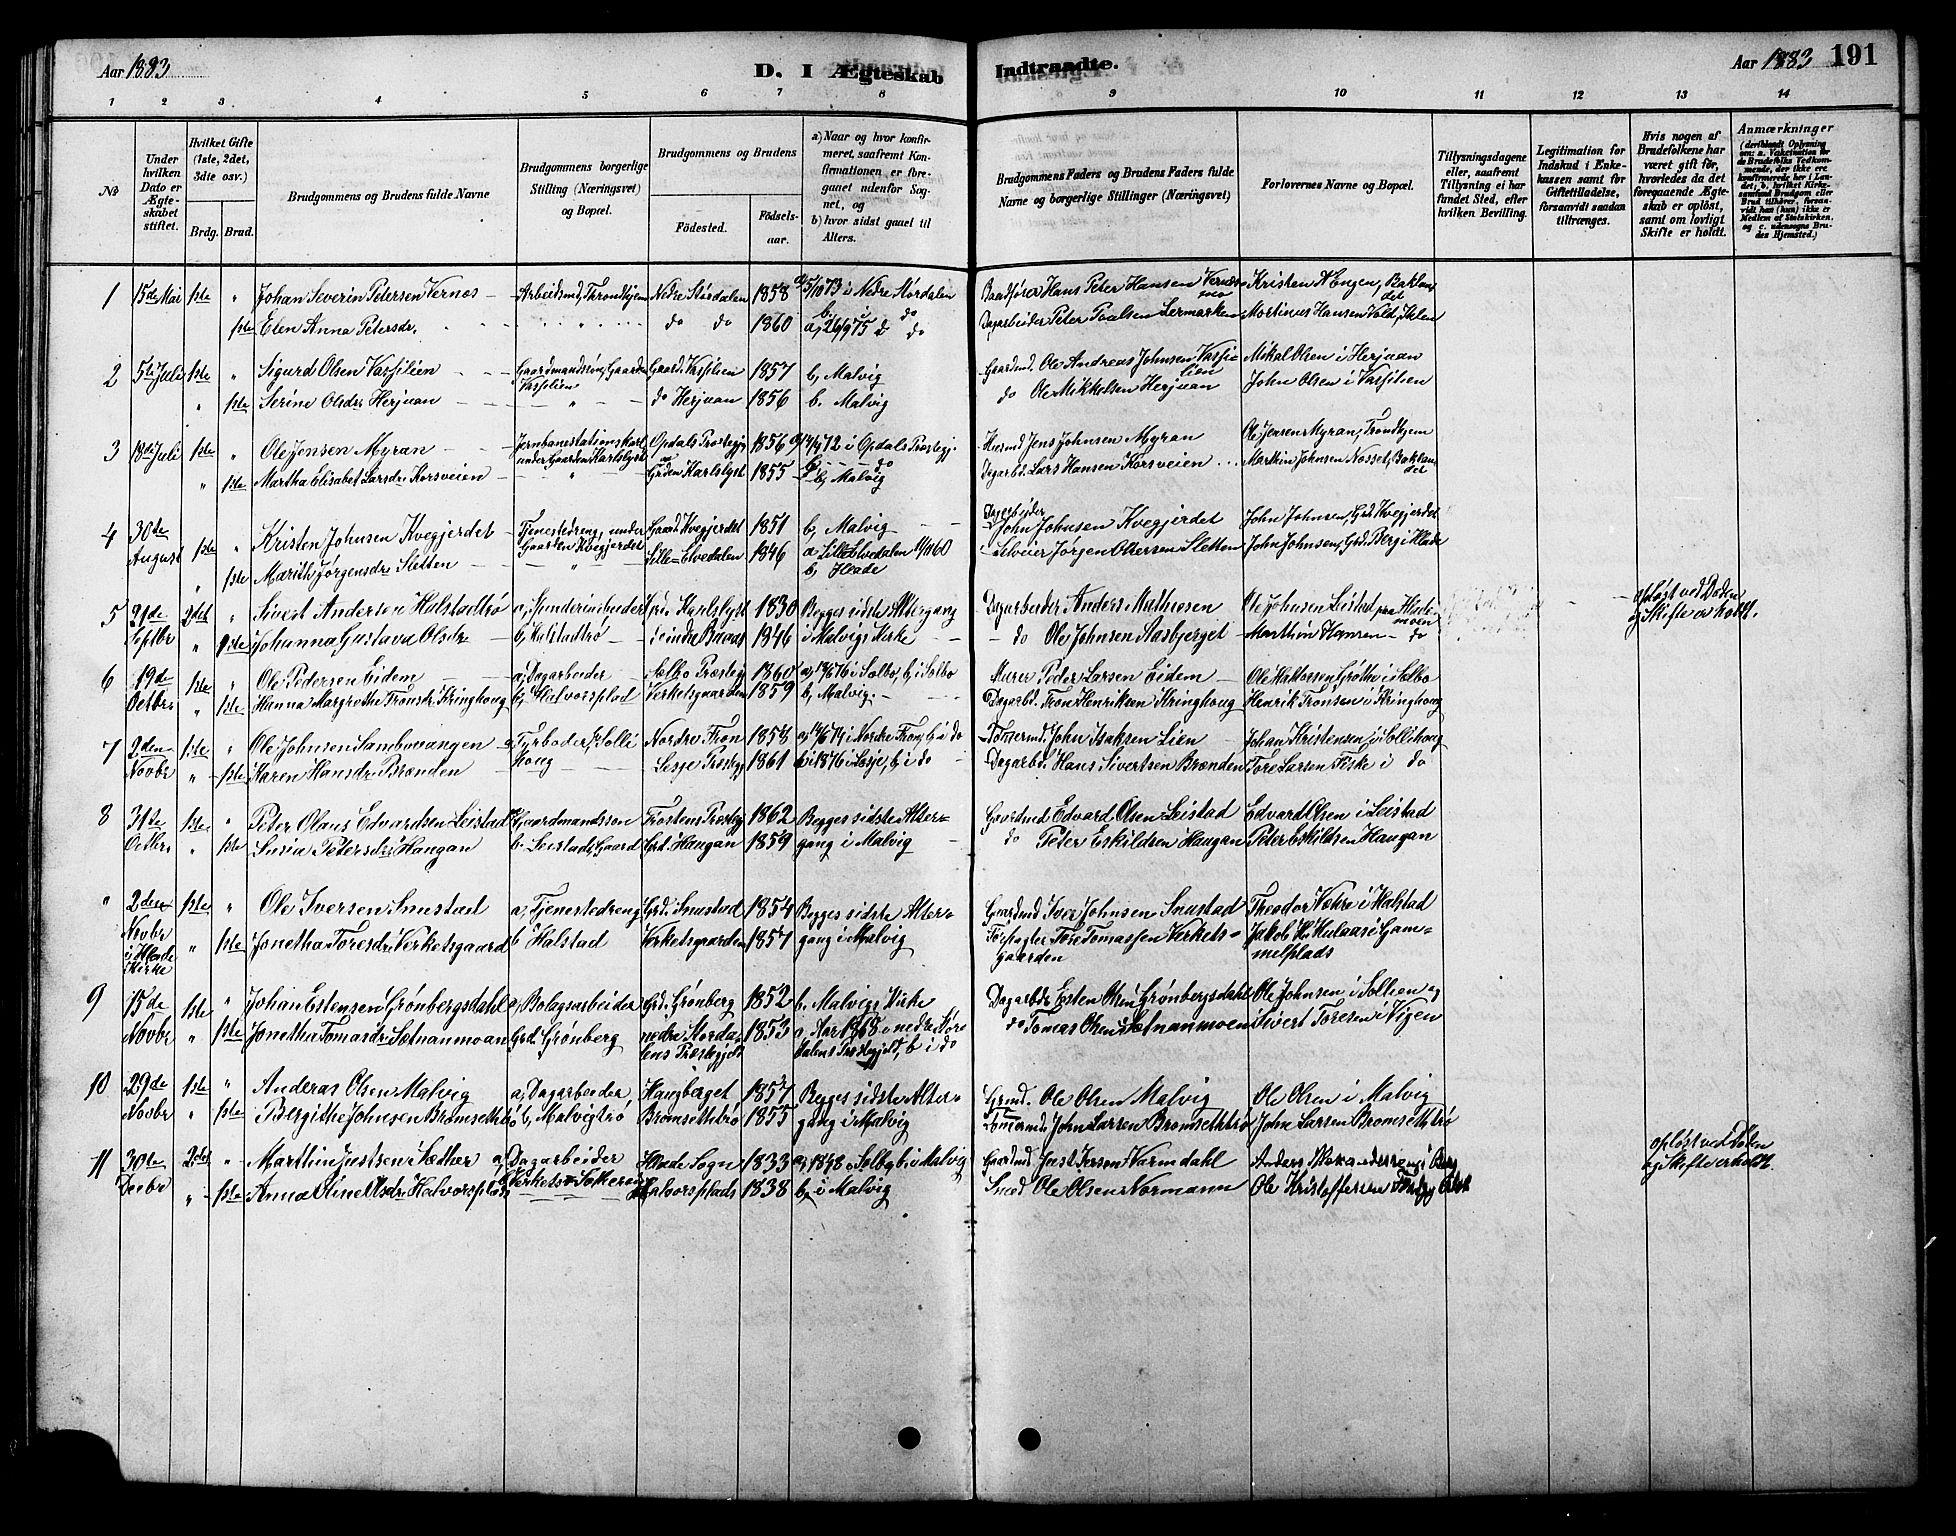 SAT, Ministerialprotokoller, klokkerbøker og fødselsregistre - Sør-Trøndelag, 616/L0423: Klokkerbok nr. 616C06, 1878-1903, s. 191